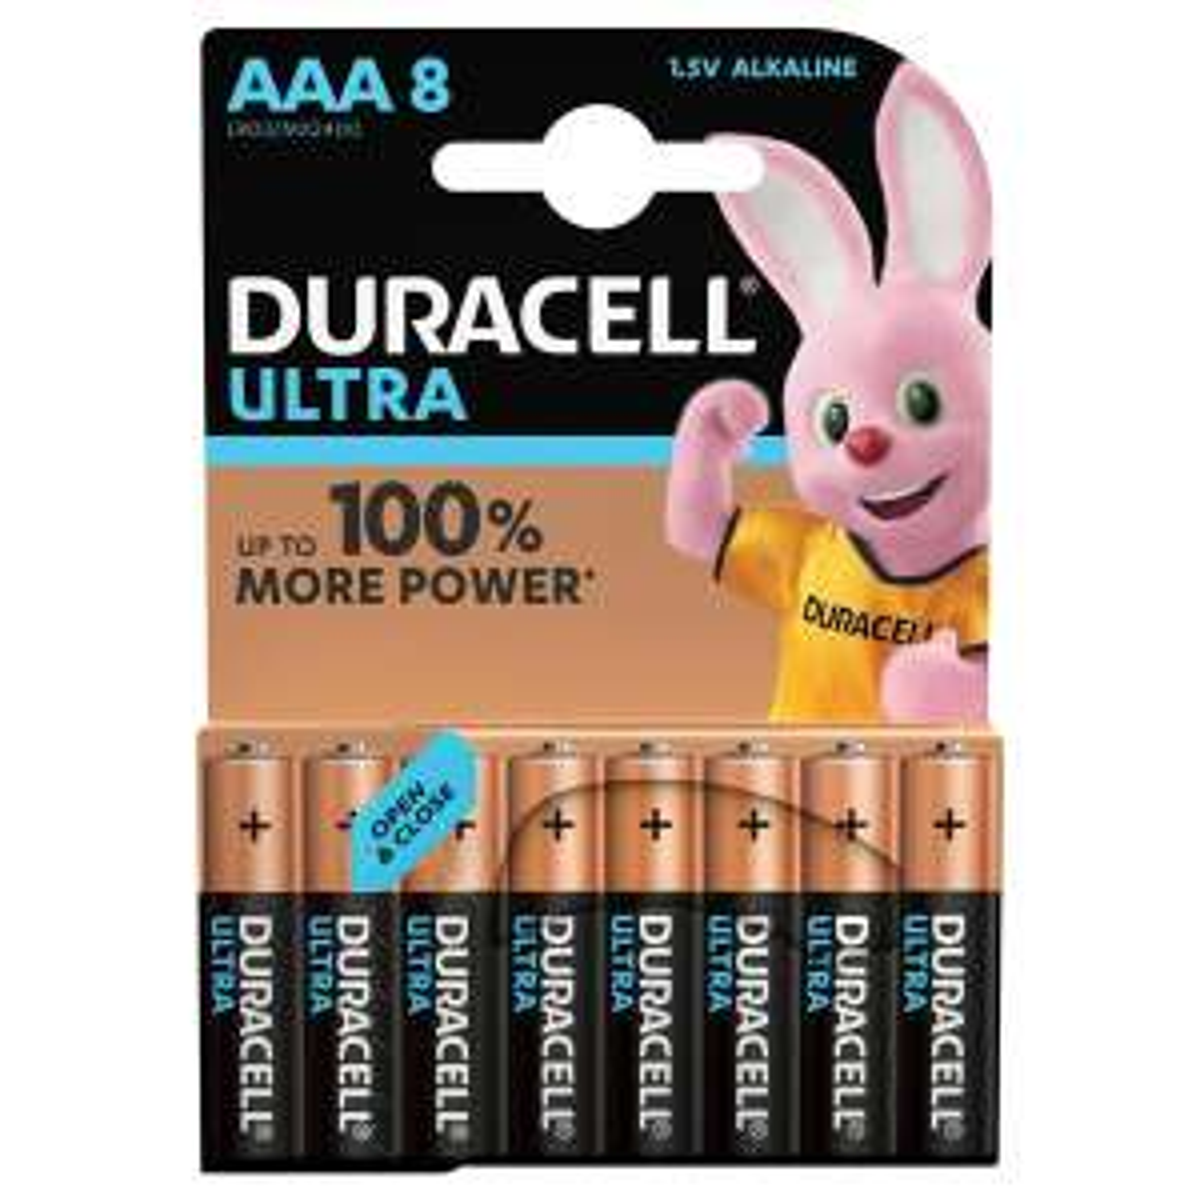 Duracell Ultra Power AAA Batteries – 8 Pack £5.99 @ Robert Dyas